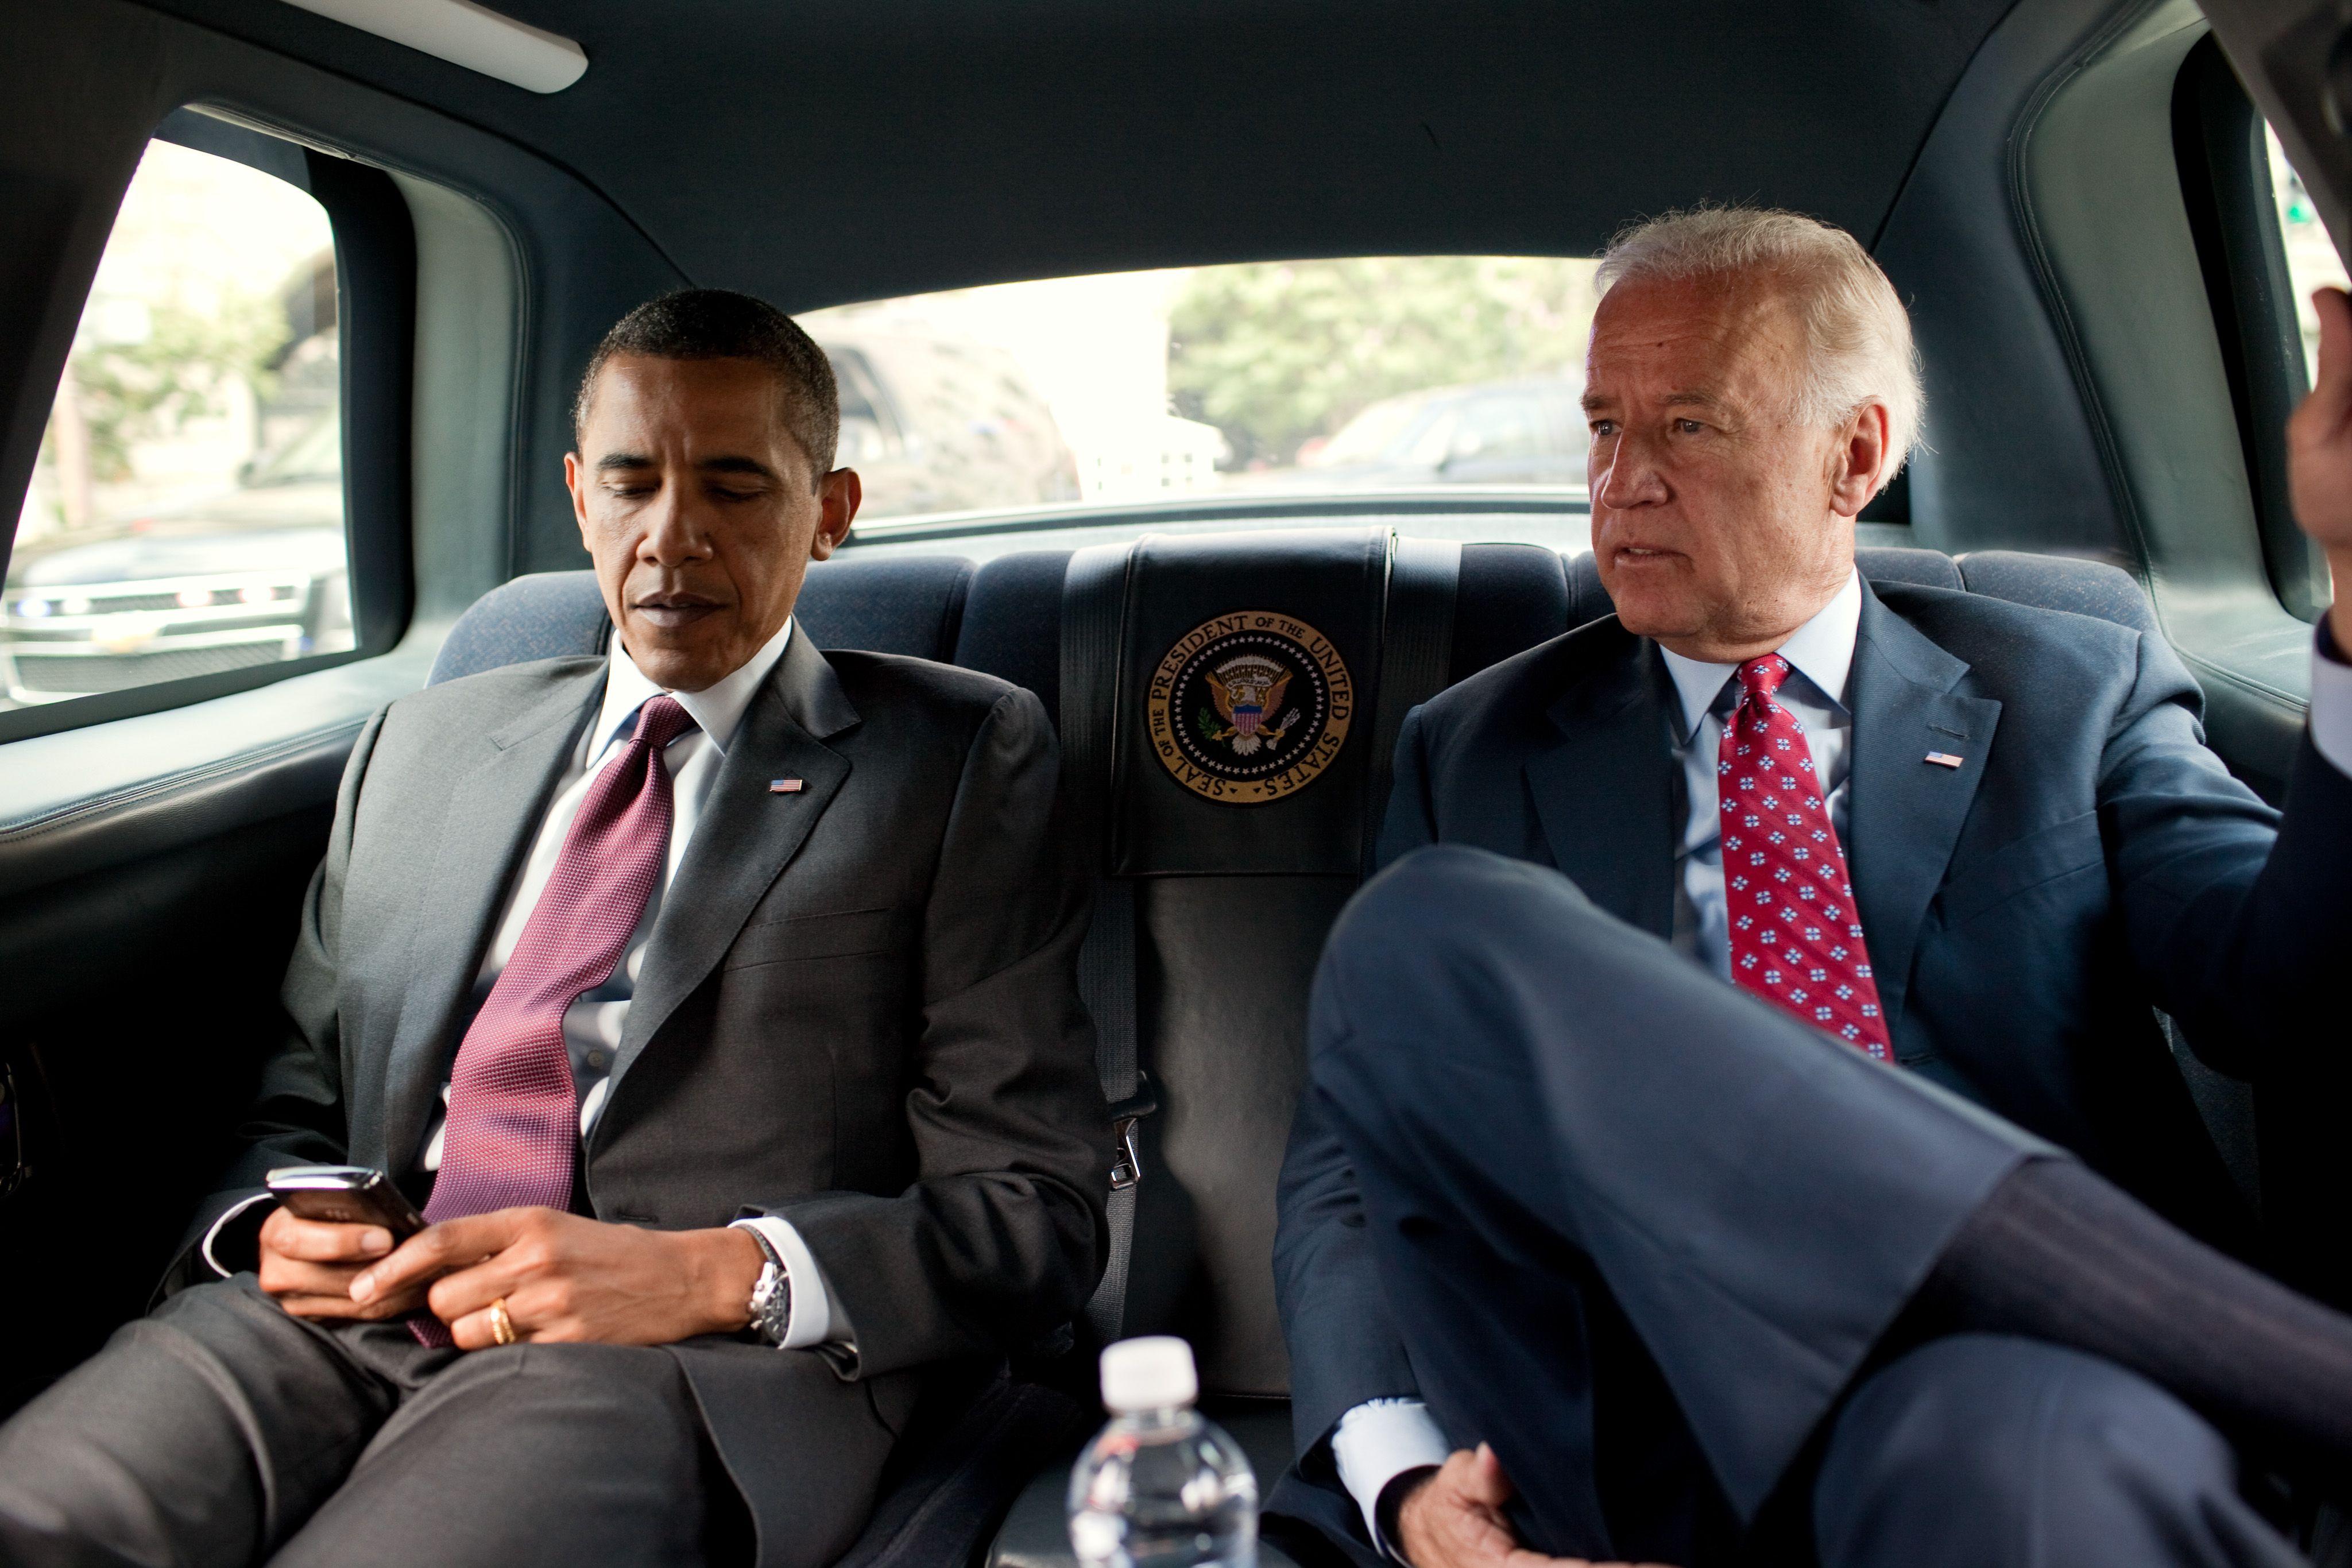 Tras los atentados, elevan el nivel de alerta en seguridad para la visita de Obama